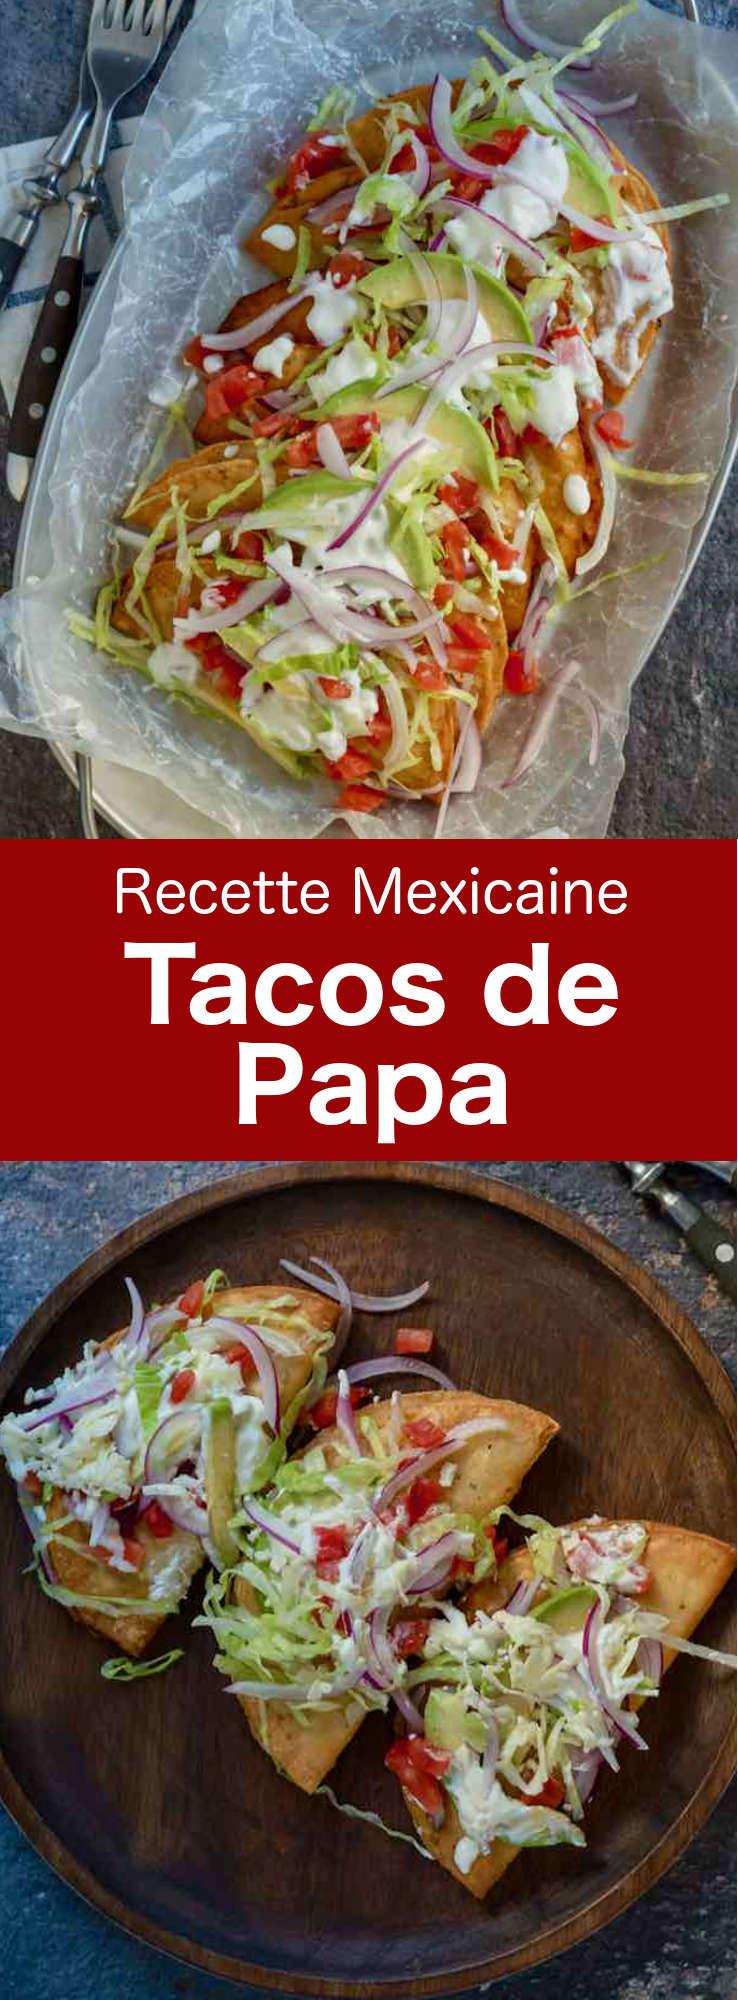 Les tacos de papa sont des tacos frits garnis de purée de pommes de terre et généreusement garnis de queso panela, d'oignons, de tomates et de laitue. #Mexique #RecetteMexicaine #CuisineDuMonde #196flavors